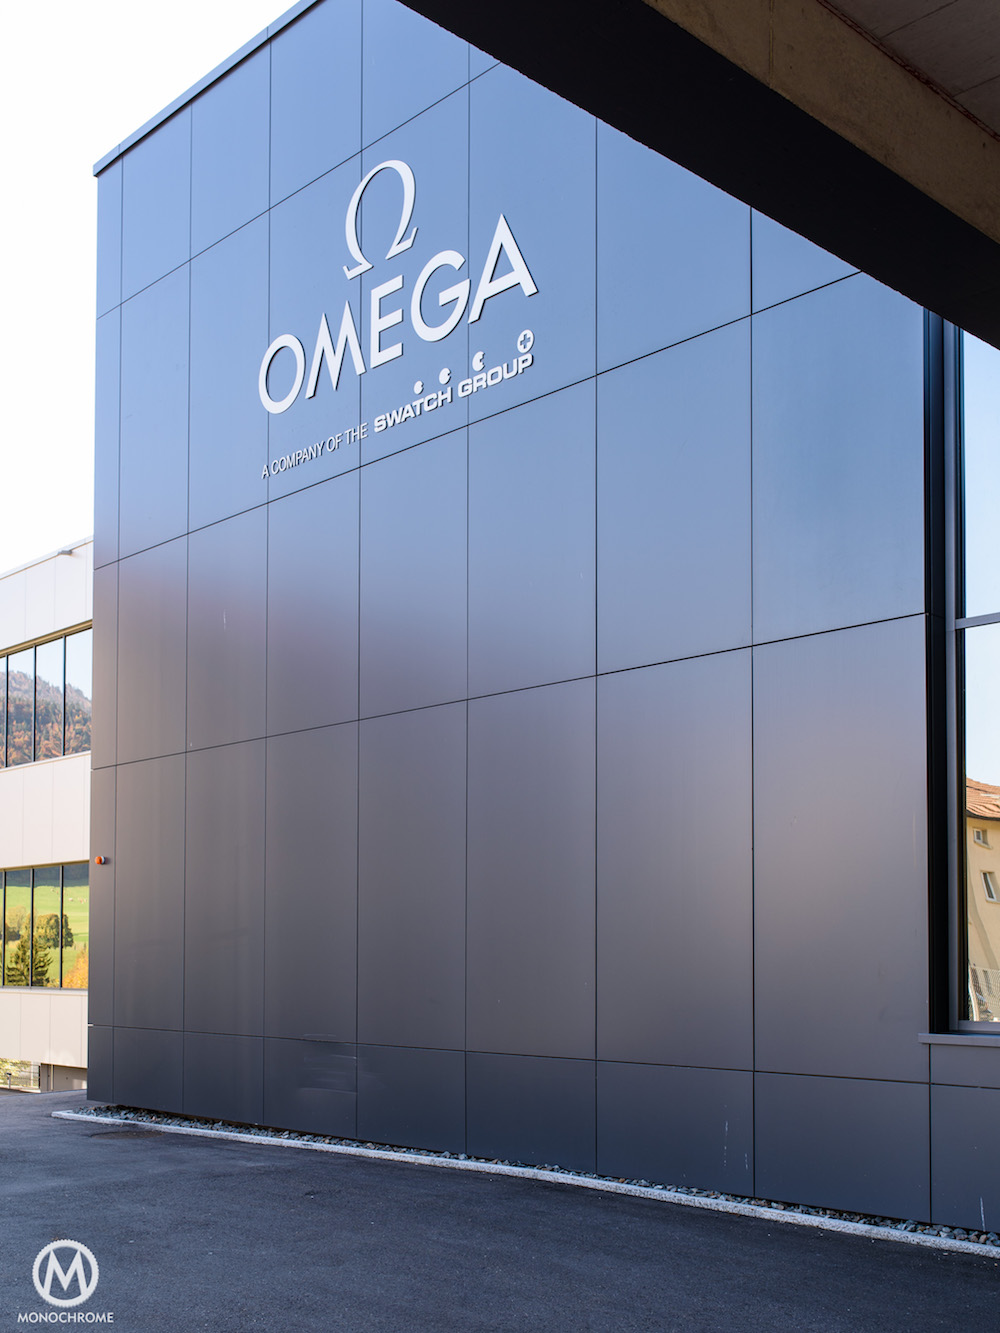 Omega - METAS - Headquarters visit